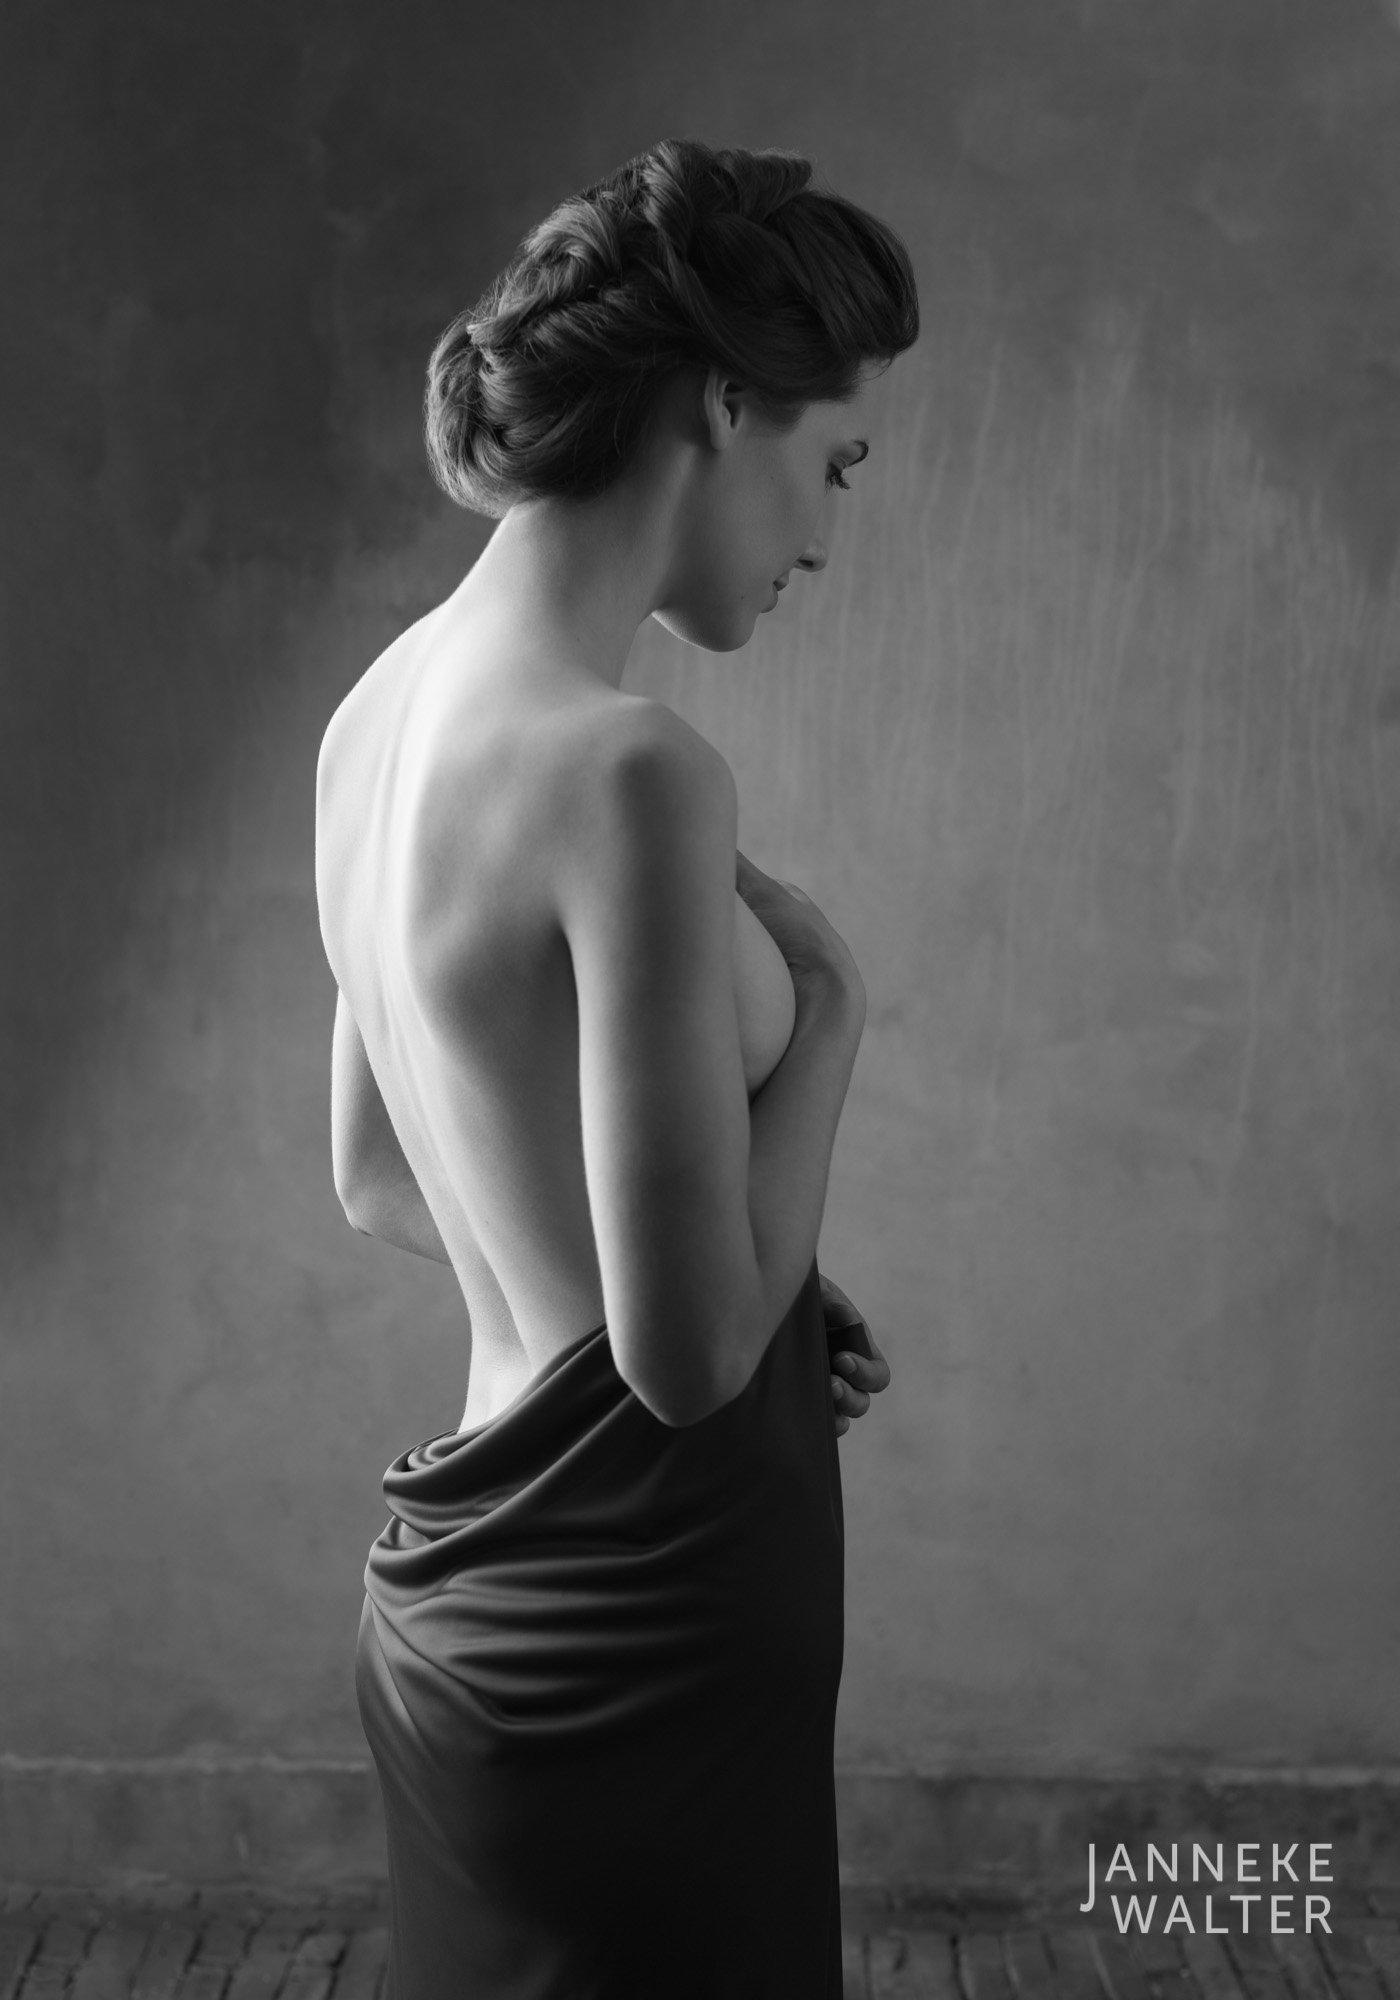 Fine art naakt foto vrouw met omslagdoek  © Janneke Walter, fotograaf Utrecht De Bilt, fine art fotografie, naaktfotografie